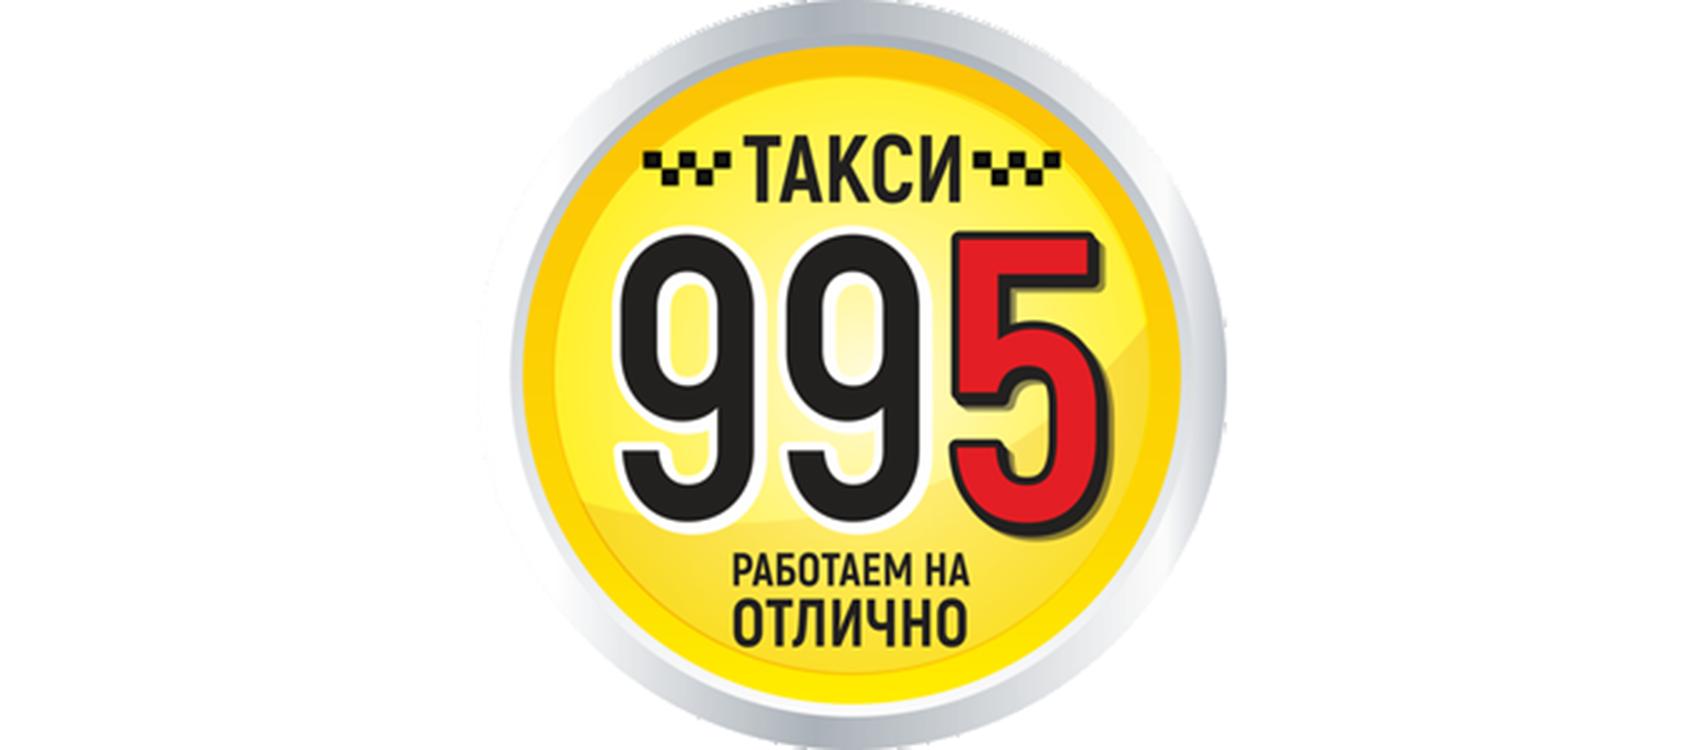 Таксі 995 Маріуполь